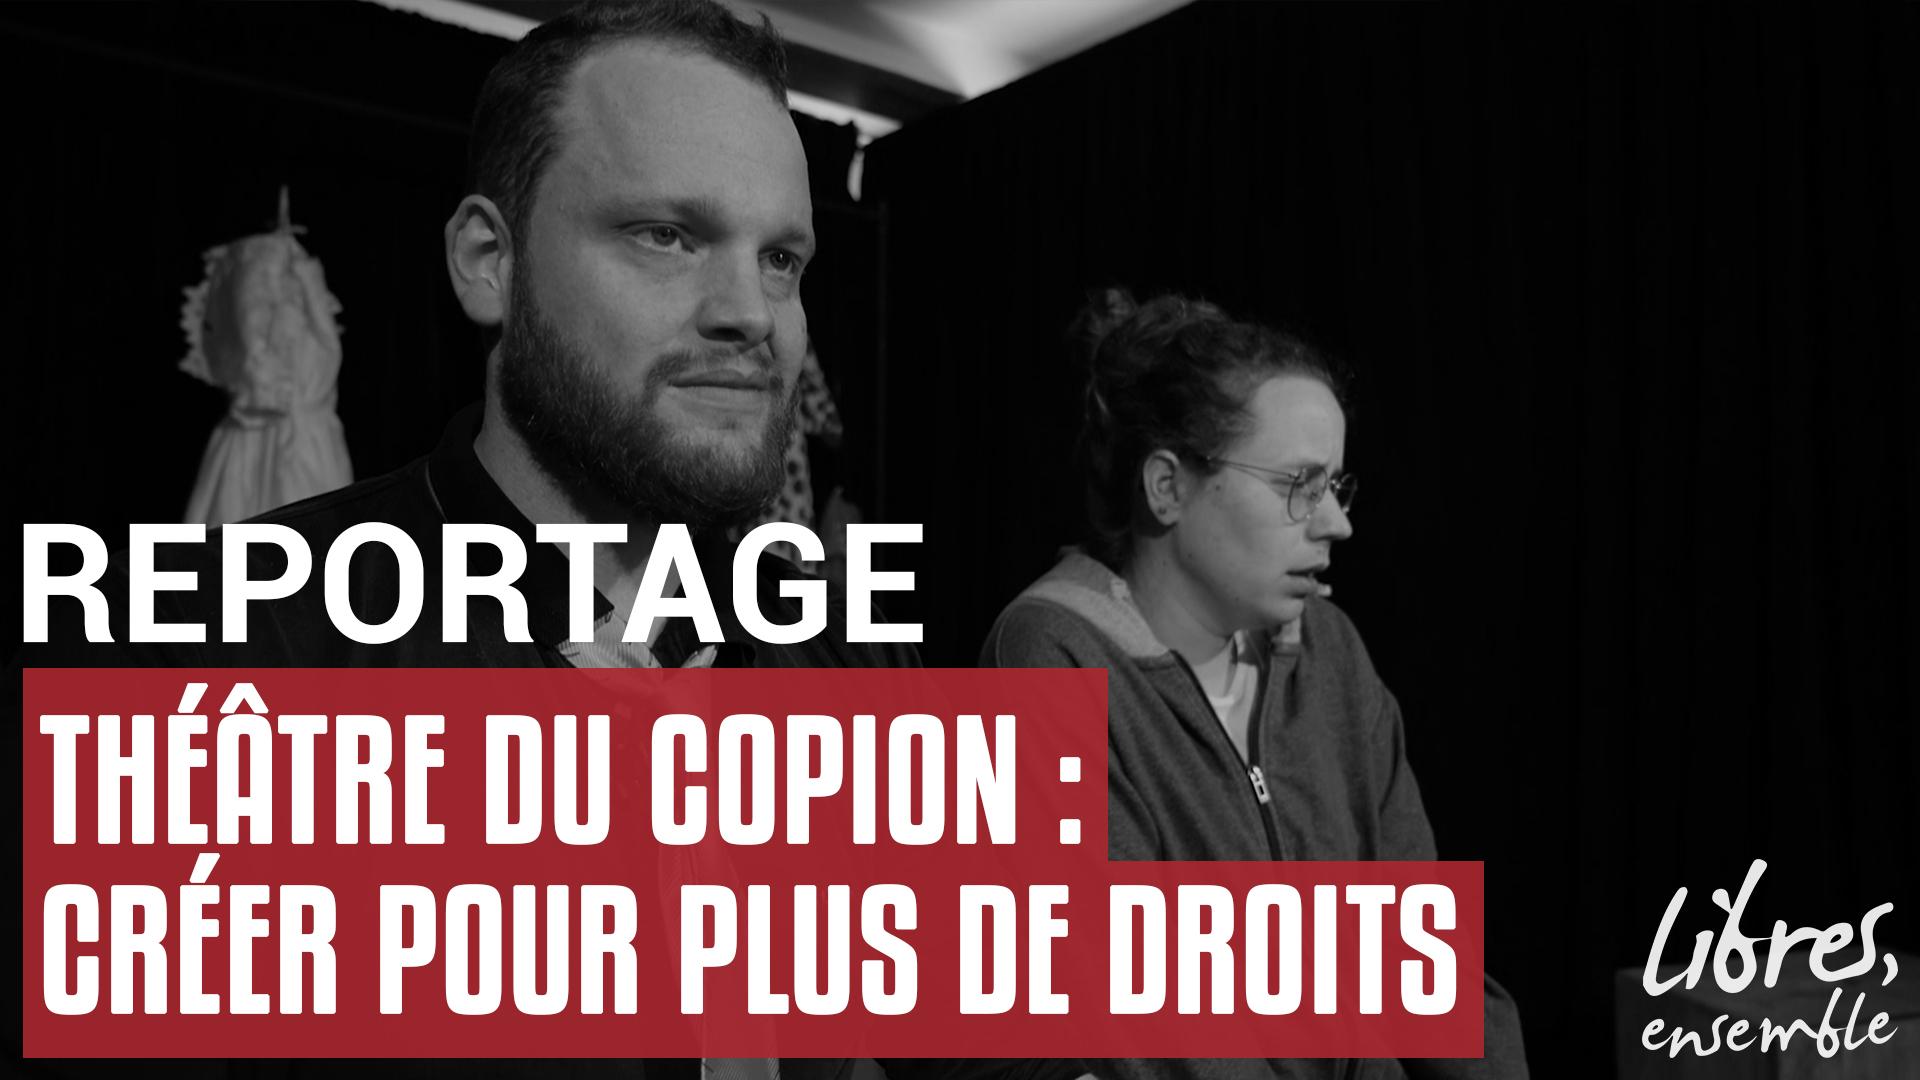 Théâtre du Copion : créer pour plus de droits